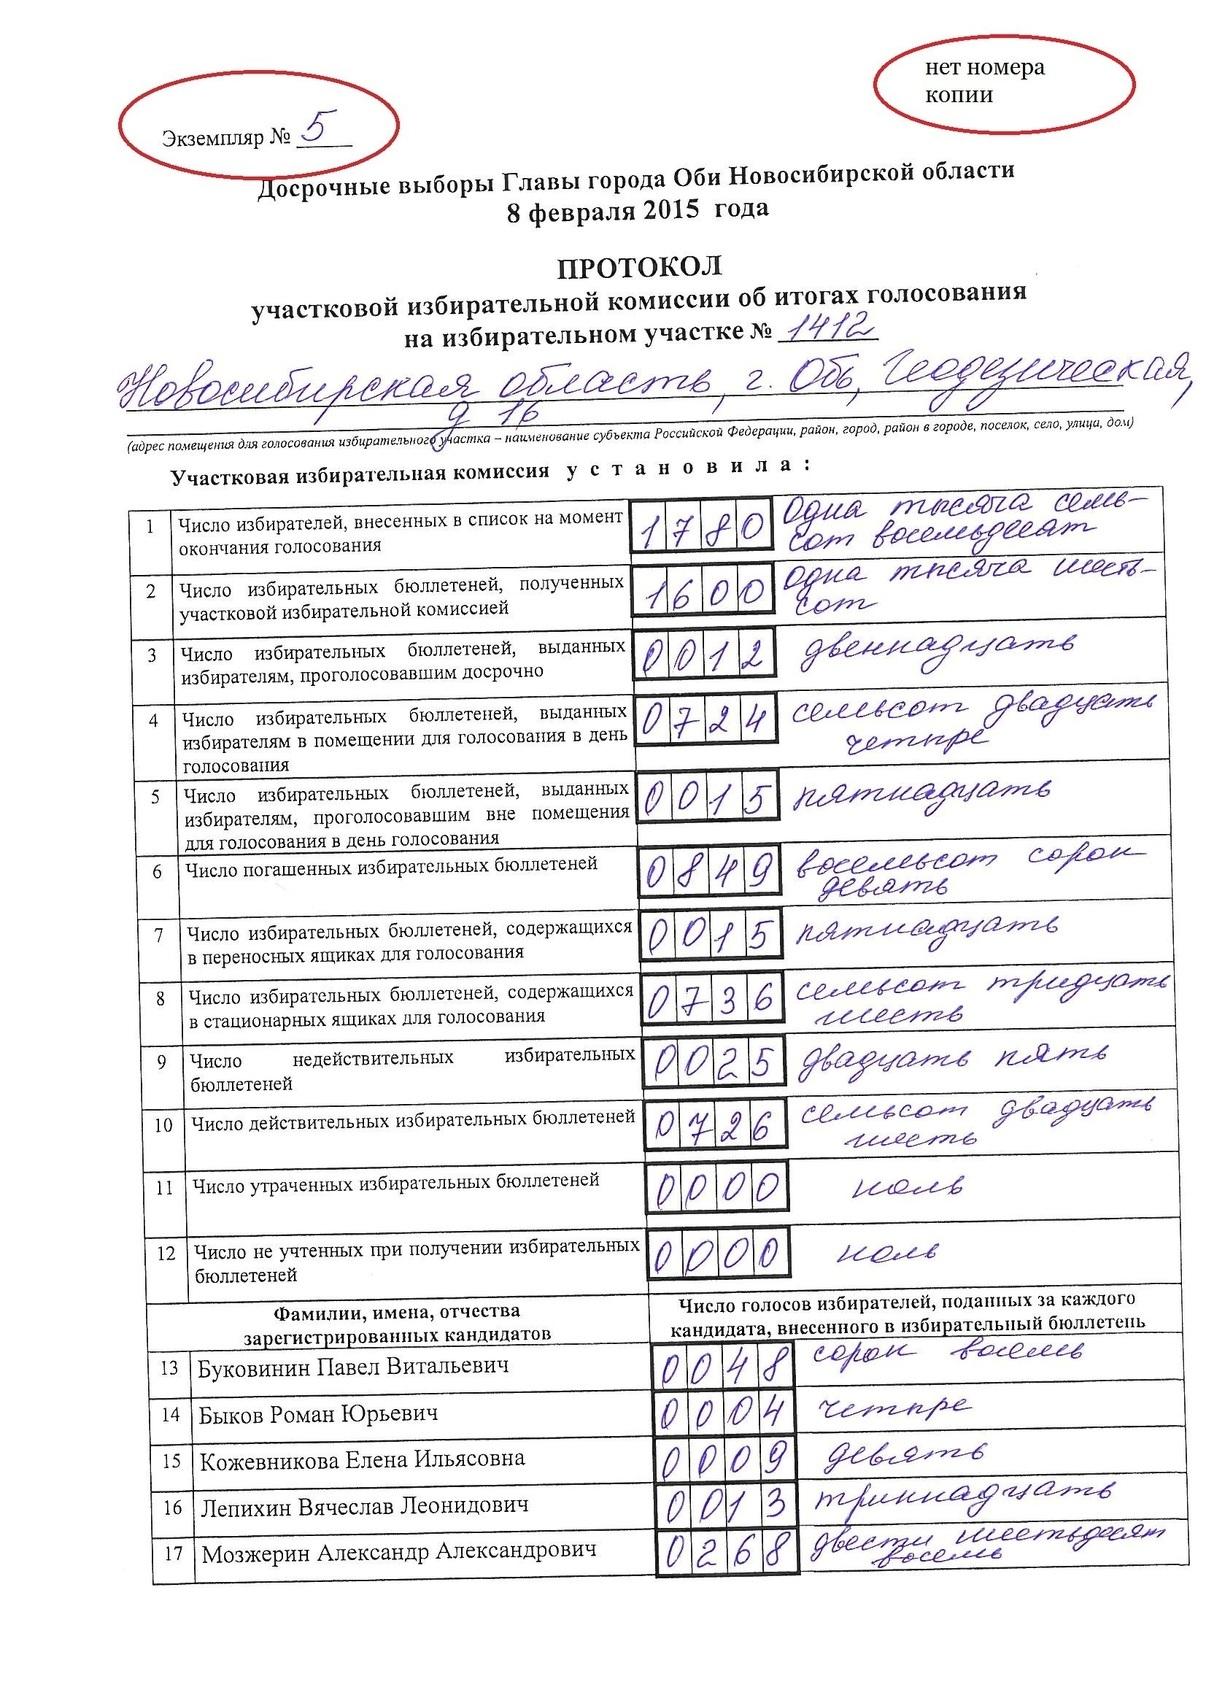 УИК №1412_1